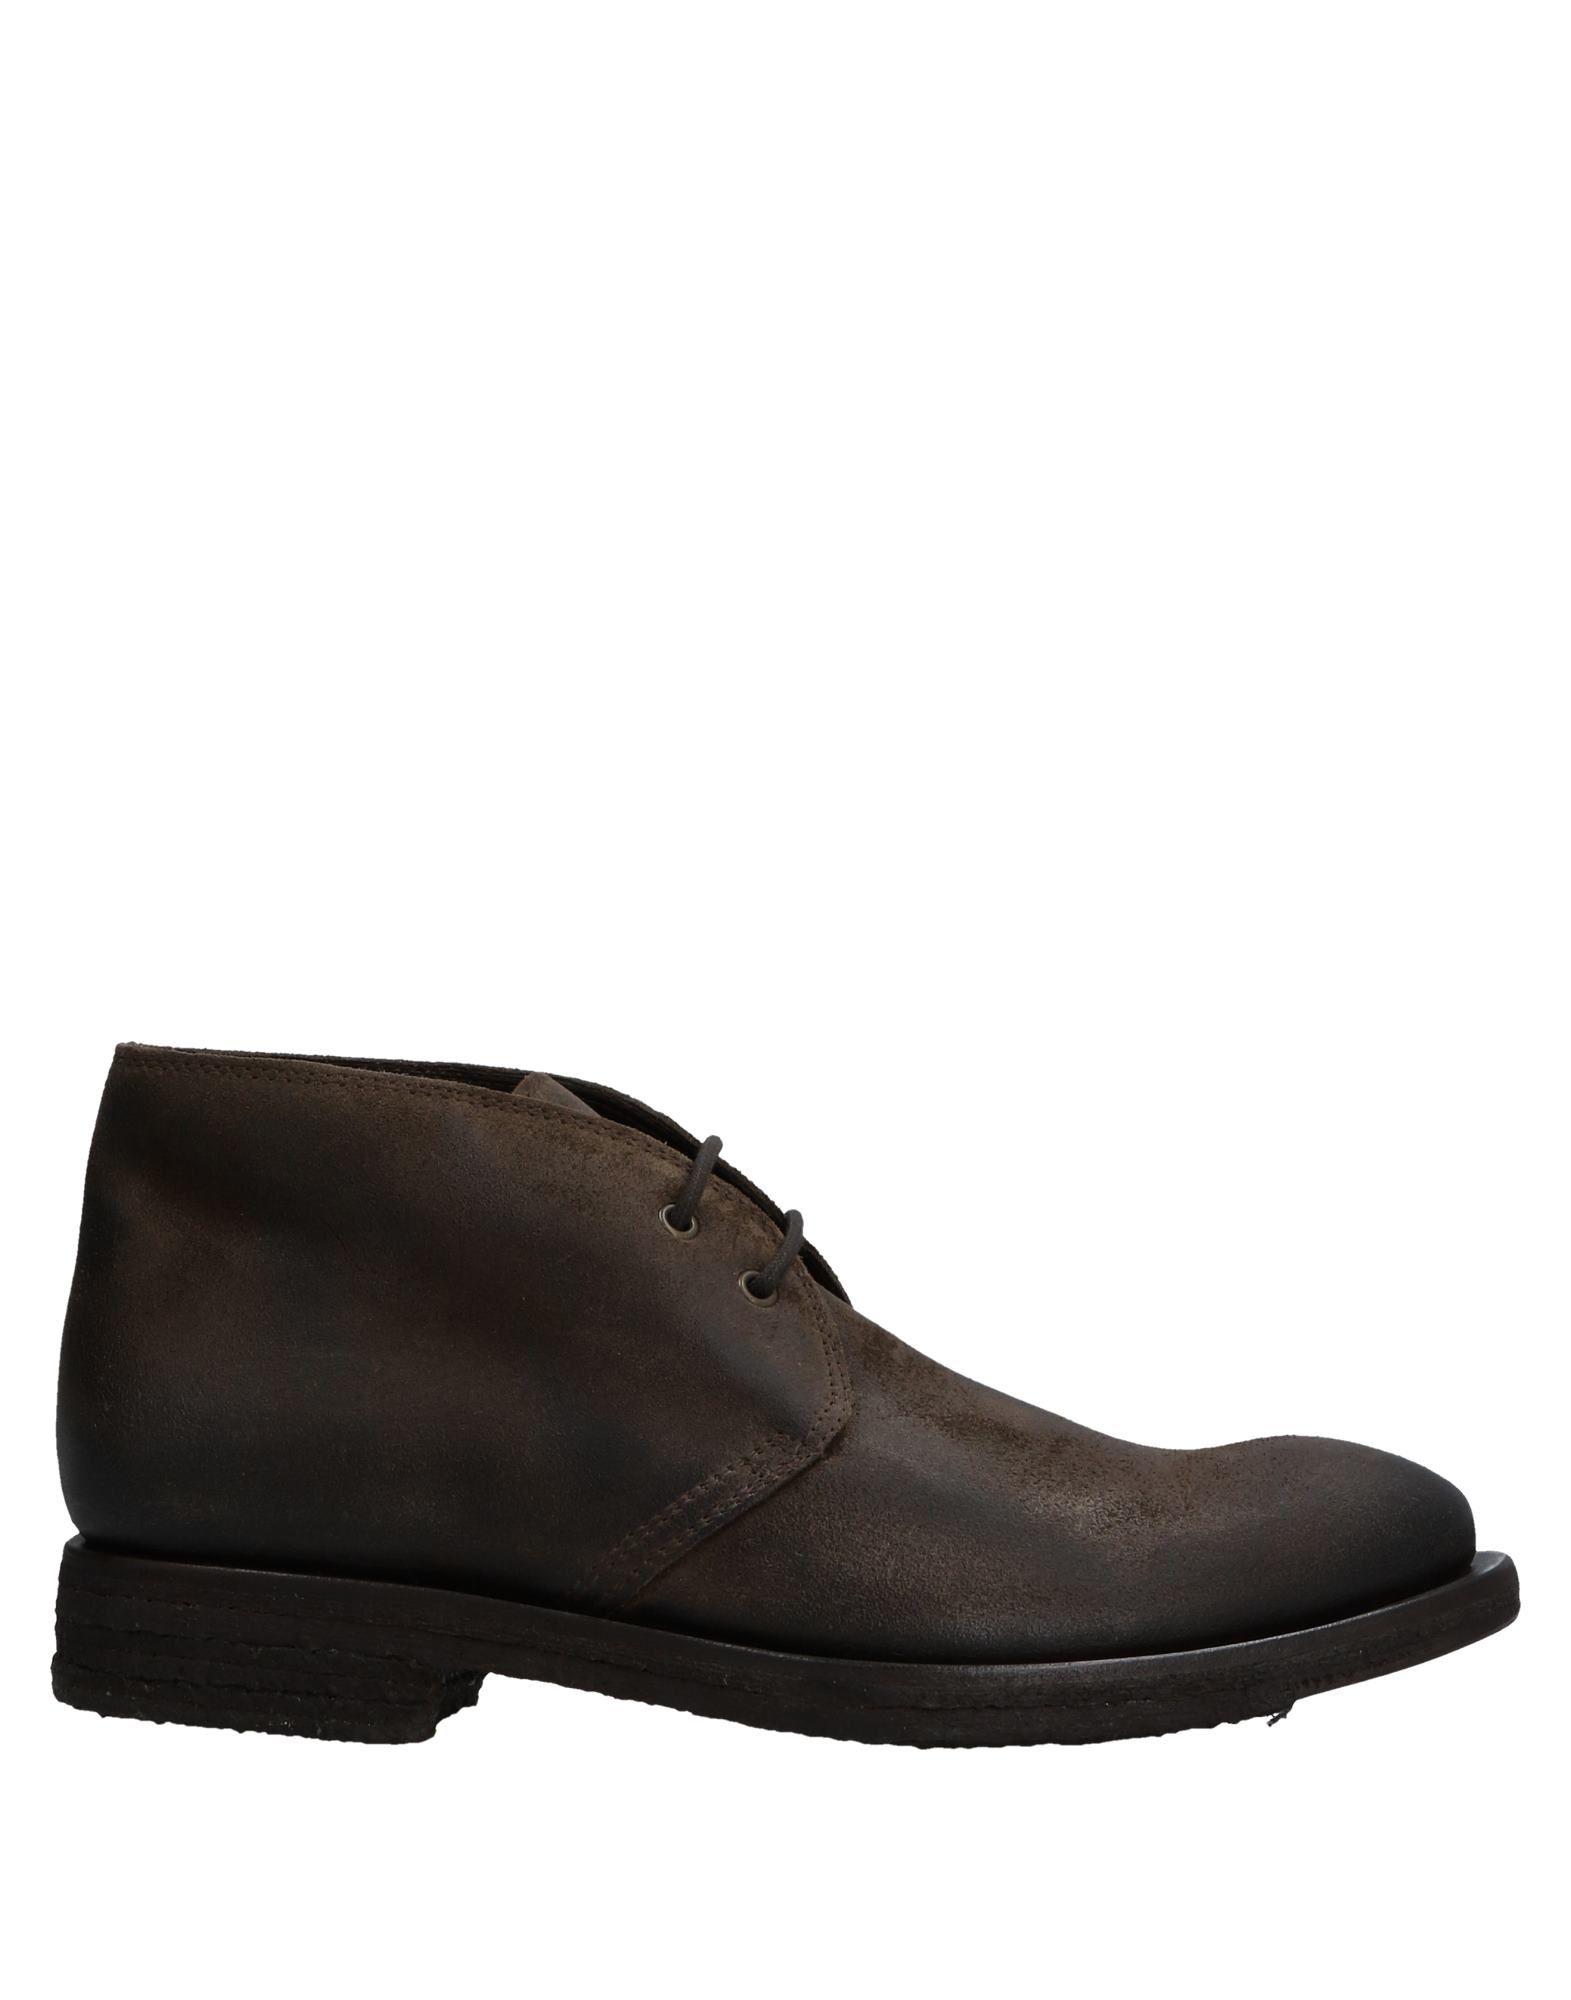 Buttero® Stiefelette Herren  11525203QV Gute Qualität beliebte Schuhe